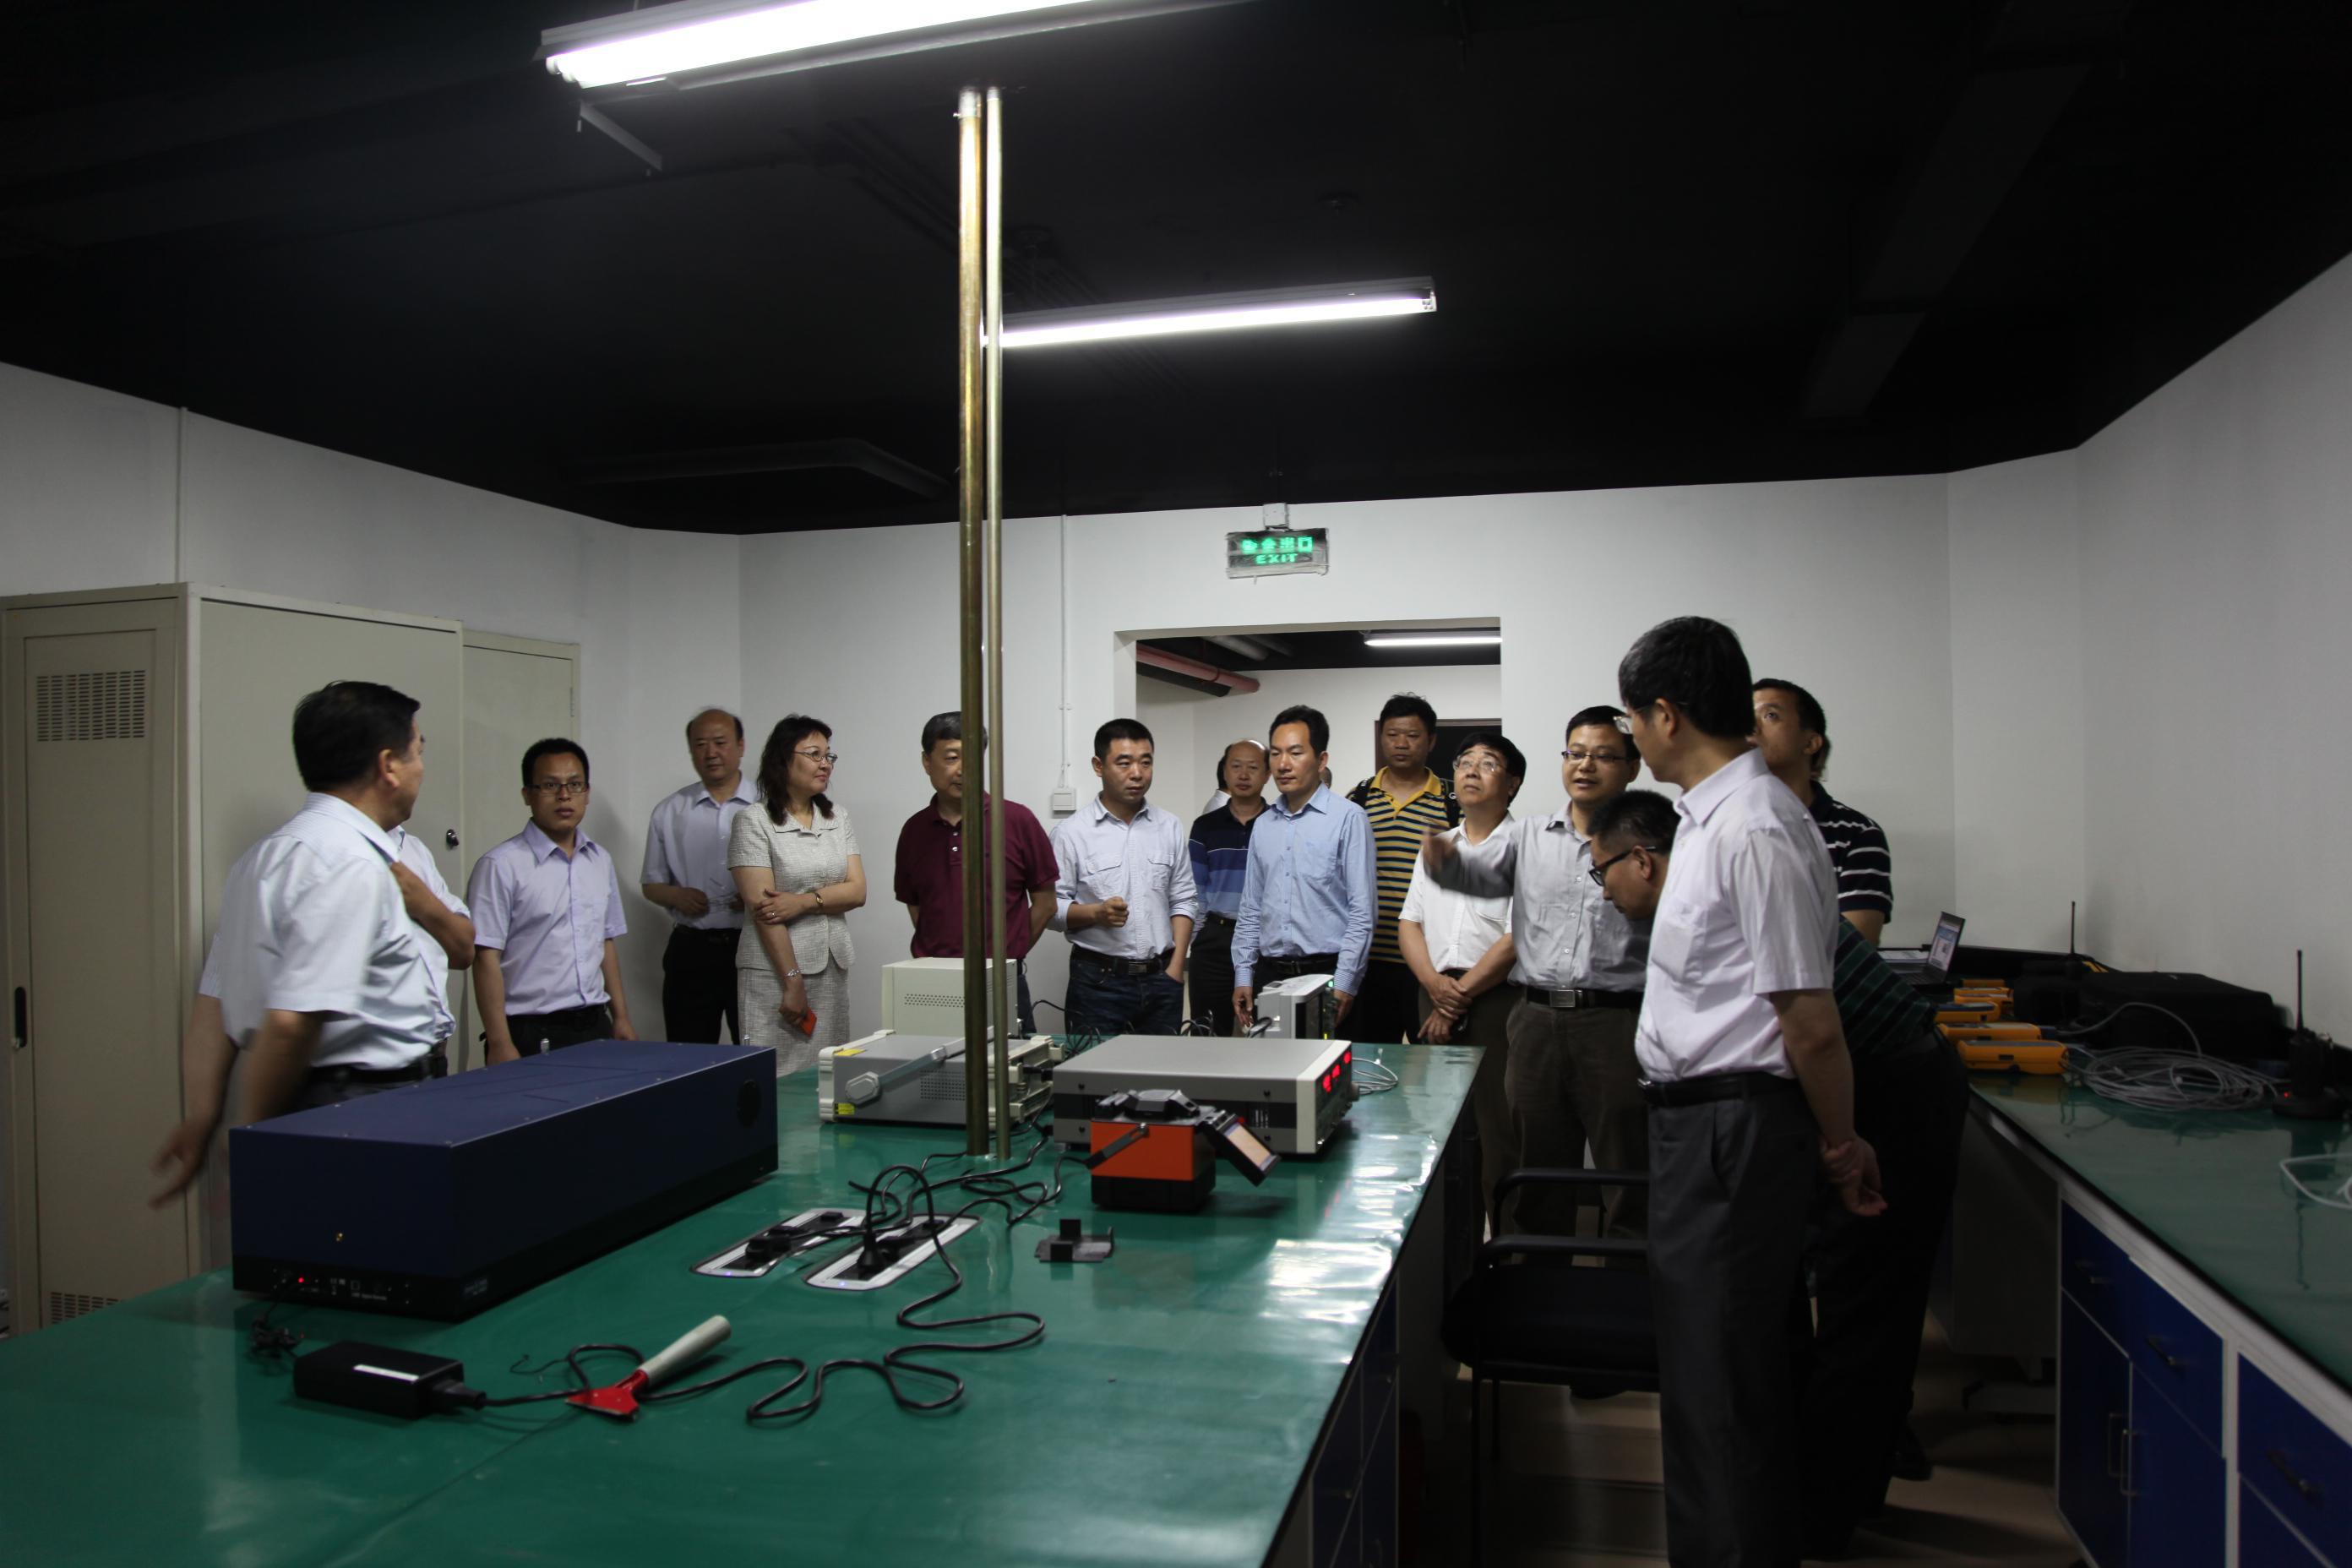 规划科技司领导和专家组参观实验室技术研发平台